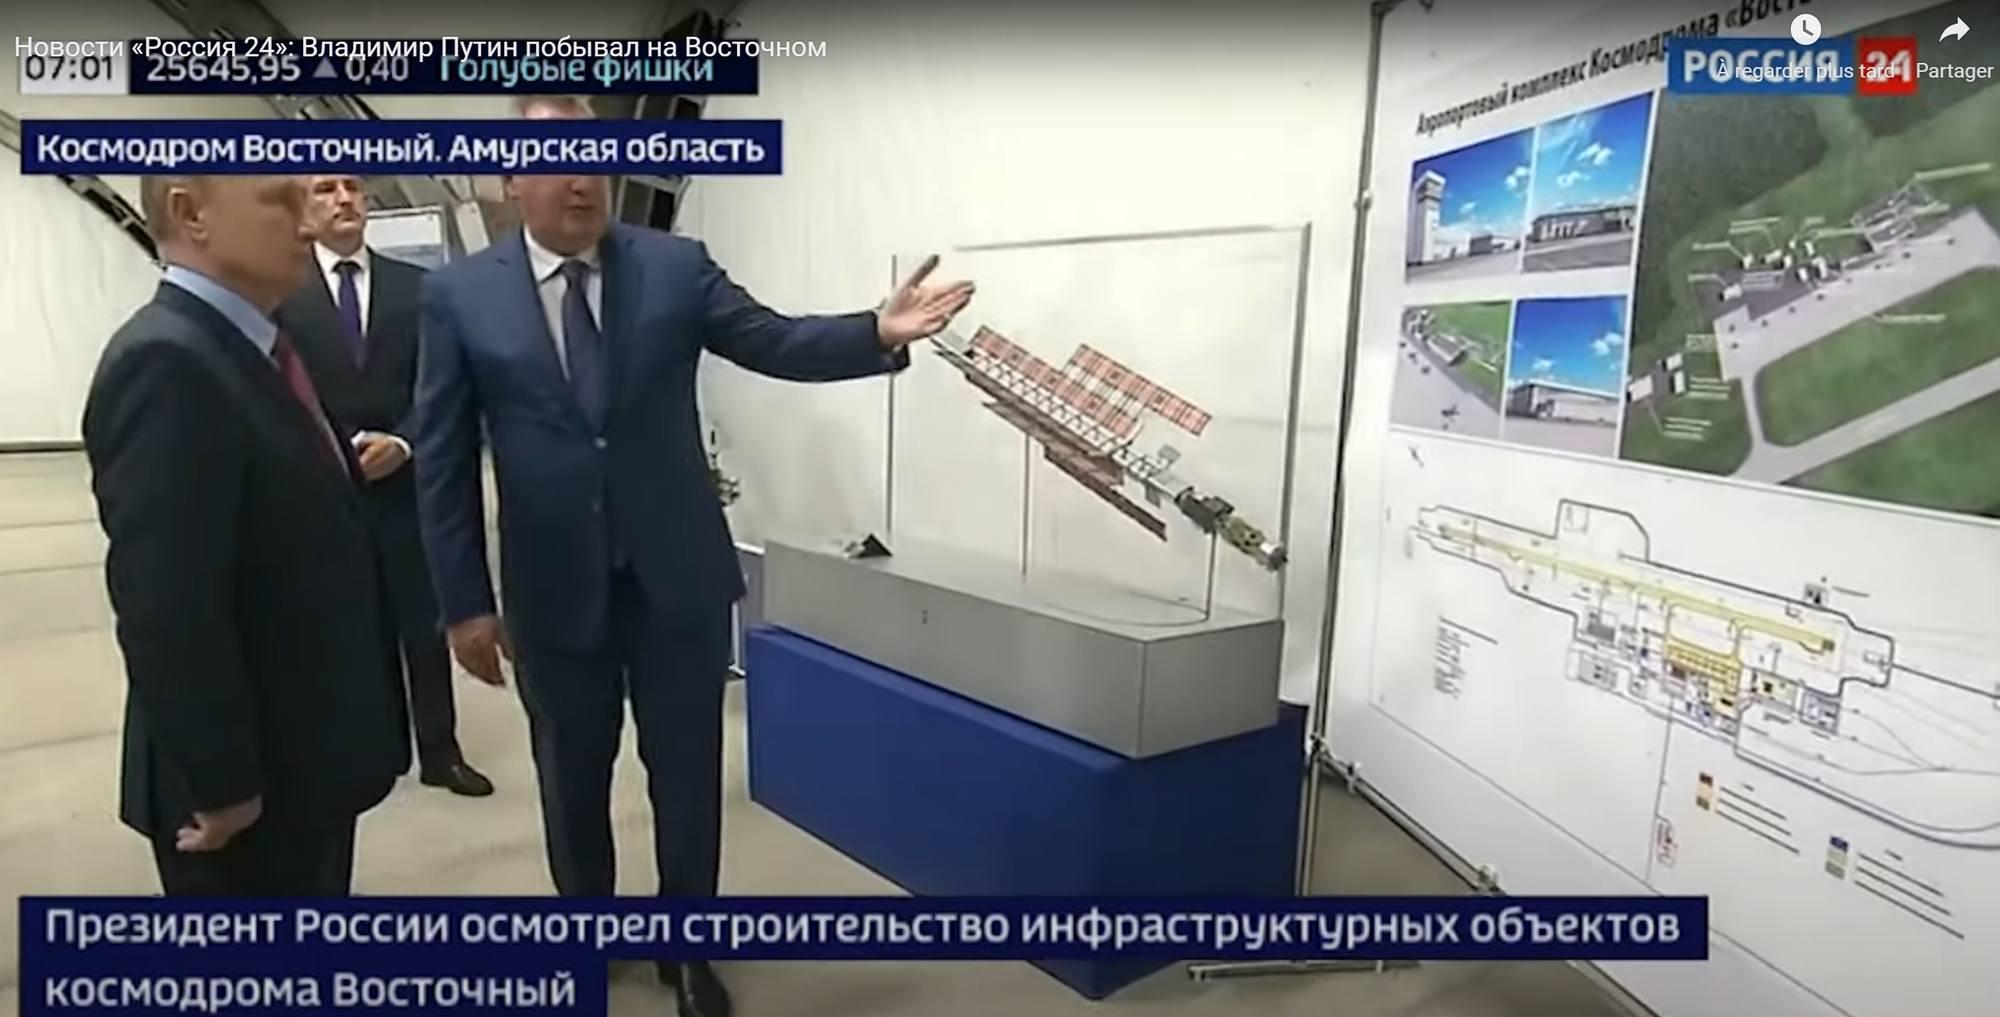 Image intéressante qui montre, au centre de l'image, un modèle du remorqueur ZEUS nucléaire et à droite le plan de l'aéroport du cosmodrome dont la construction débute actuellement.